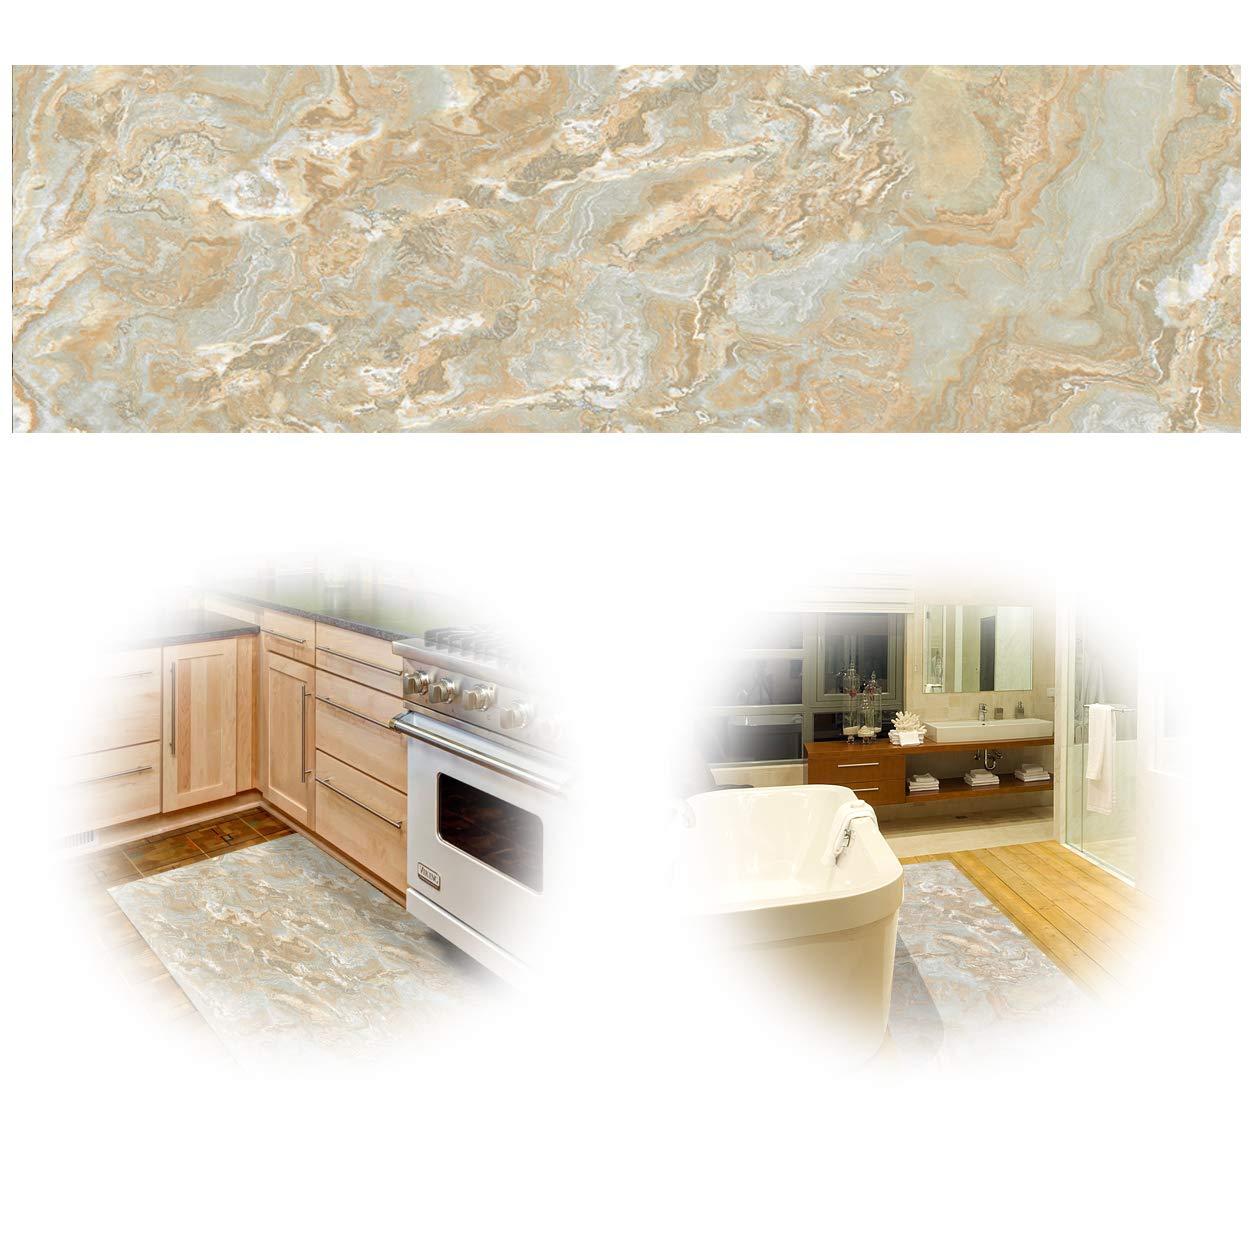 ChasBete 30x360cm Antiscivolo Adesivi per pavimenti di sicurezza impermeabile Adesivo per pavimenti in PVC sottile per cucina Bagno Doccia Stuoia, Pietra 3D